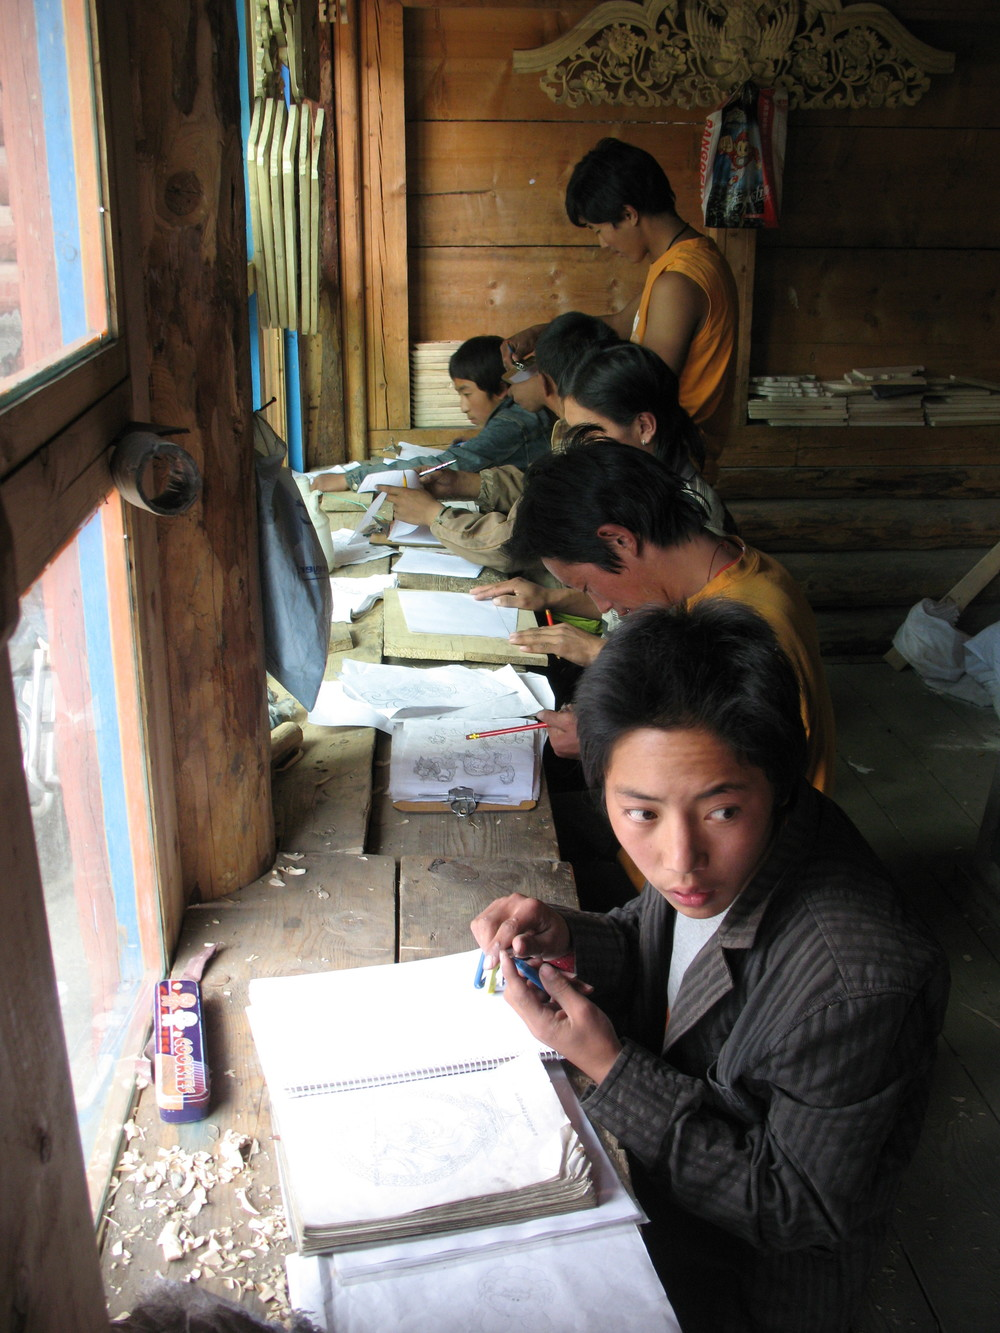 Dzongsar wood-carving school